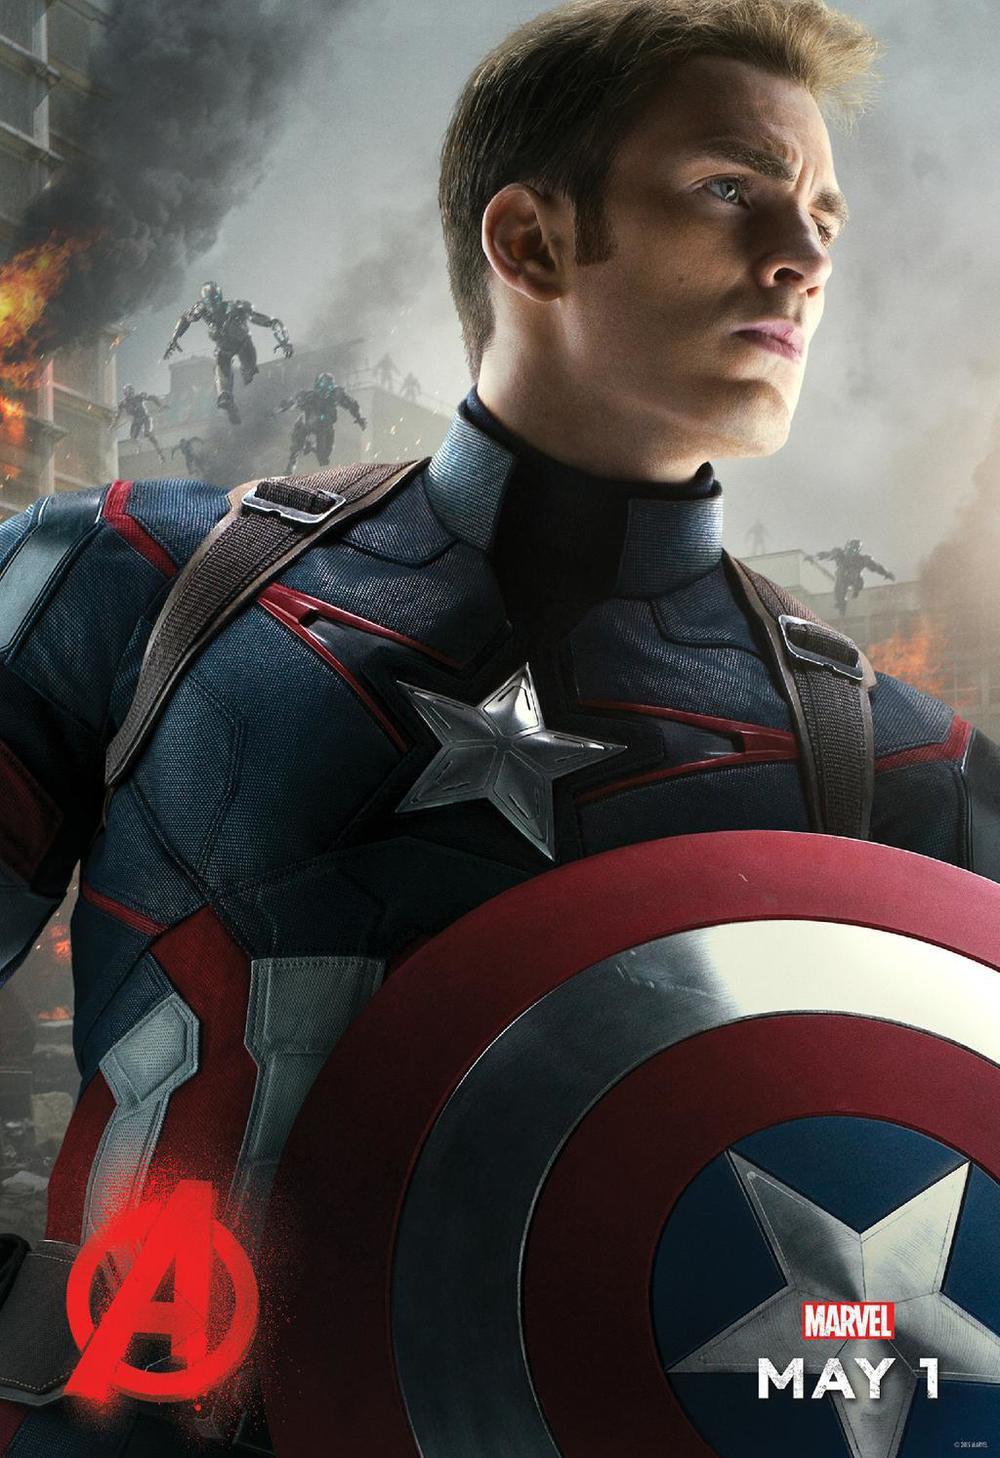 Nuevo Trailer de Avengers Age of Ultron